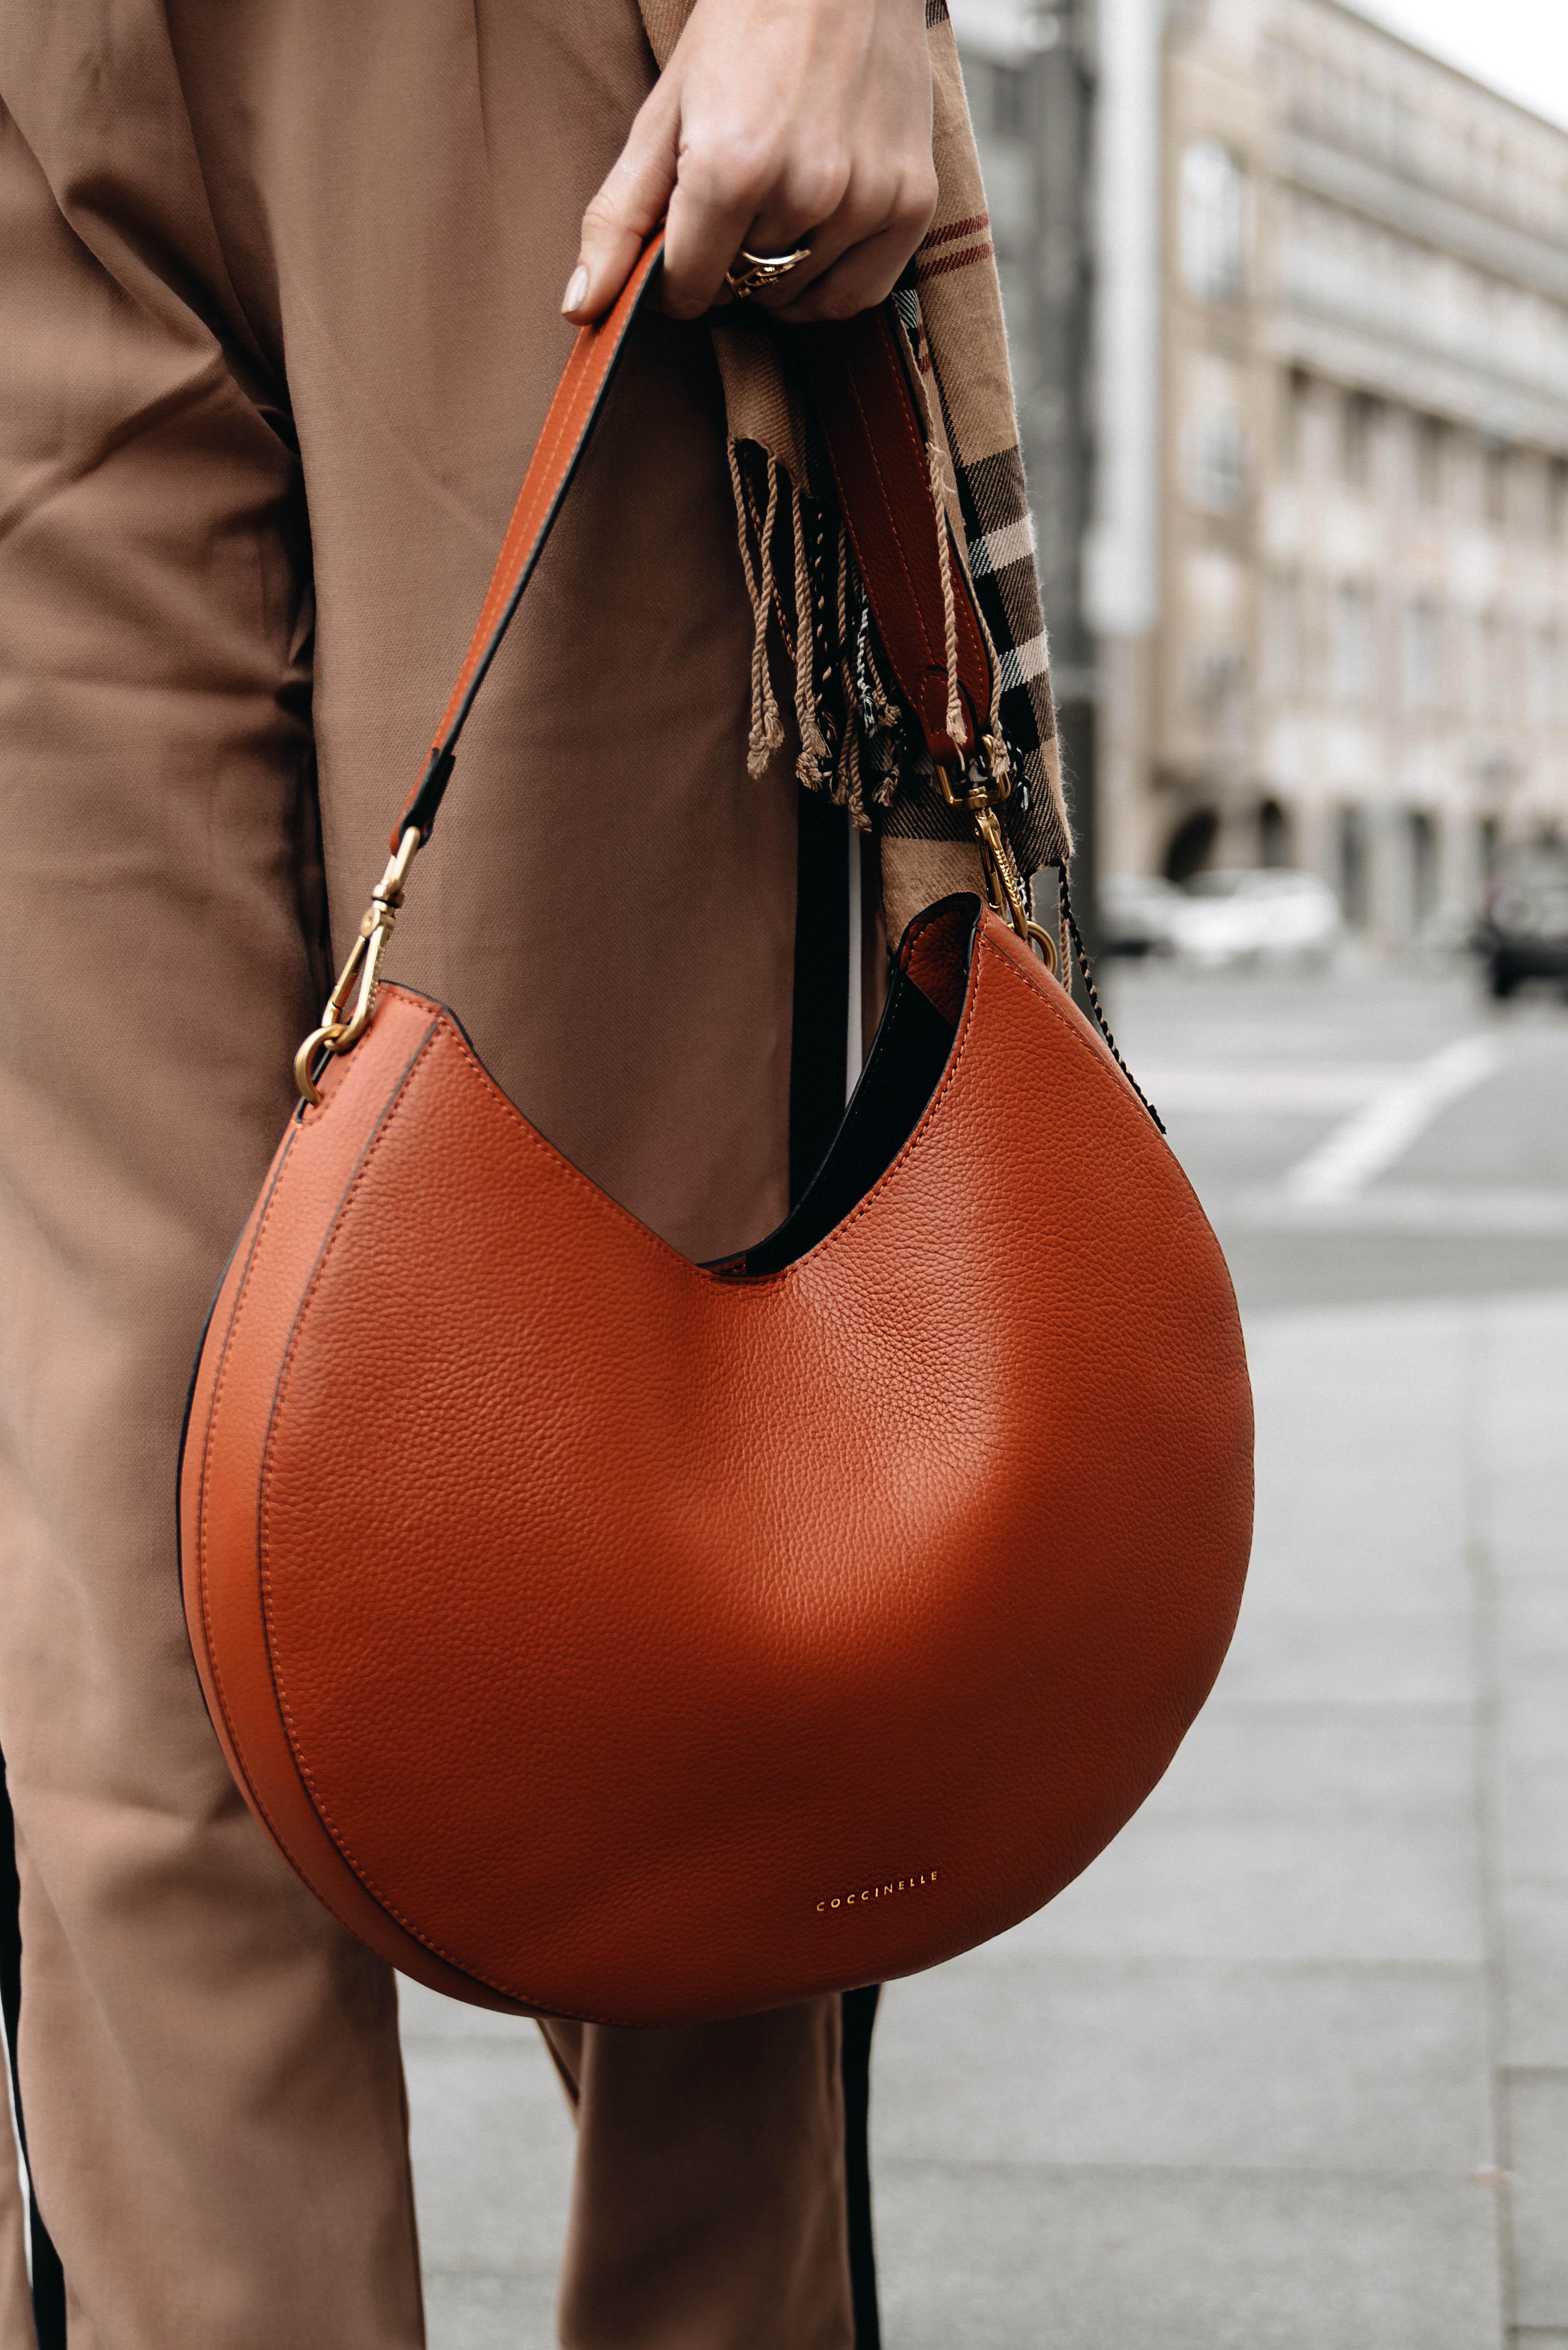 fashionblog-deutschland-koeln-streetstyle-ootd-look-autumn-2017